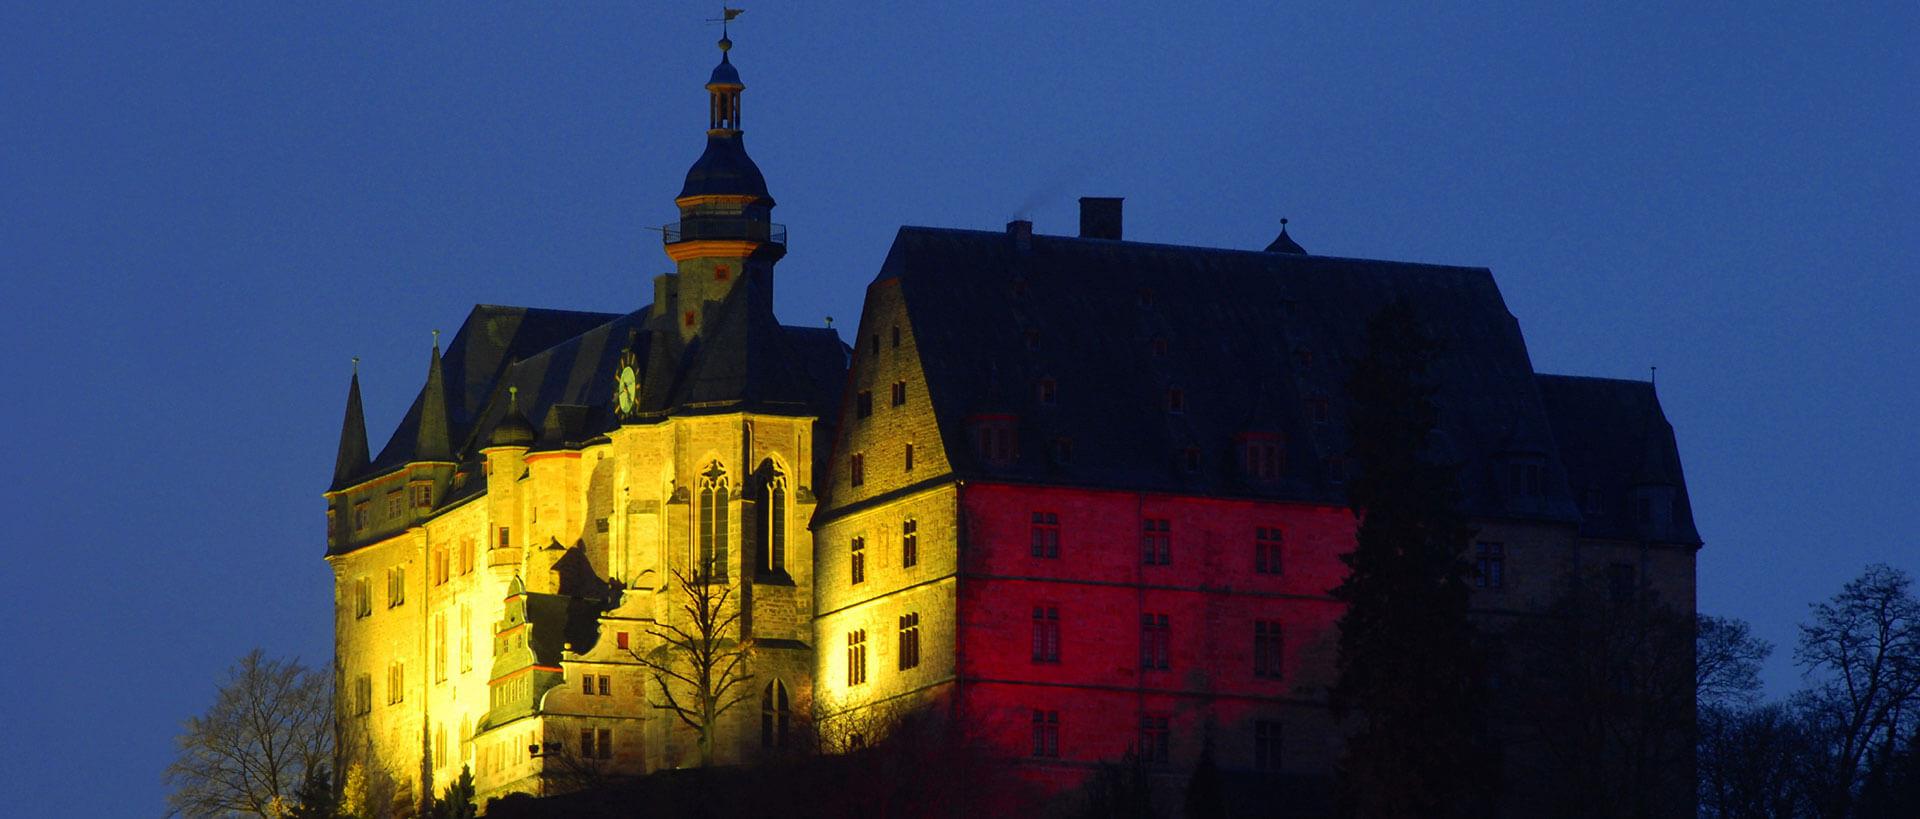 Blick auf das Landgrafenschloss bei Nacht, Credit Georg Kronenberg